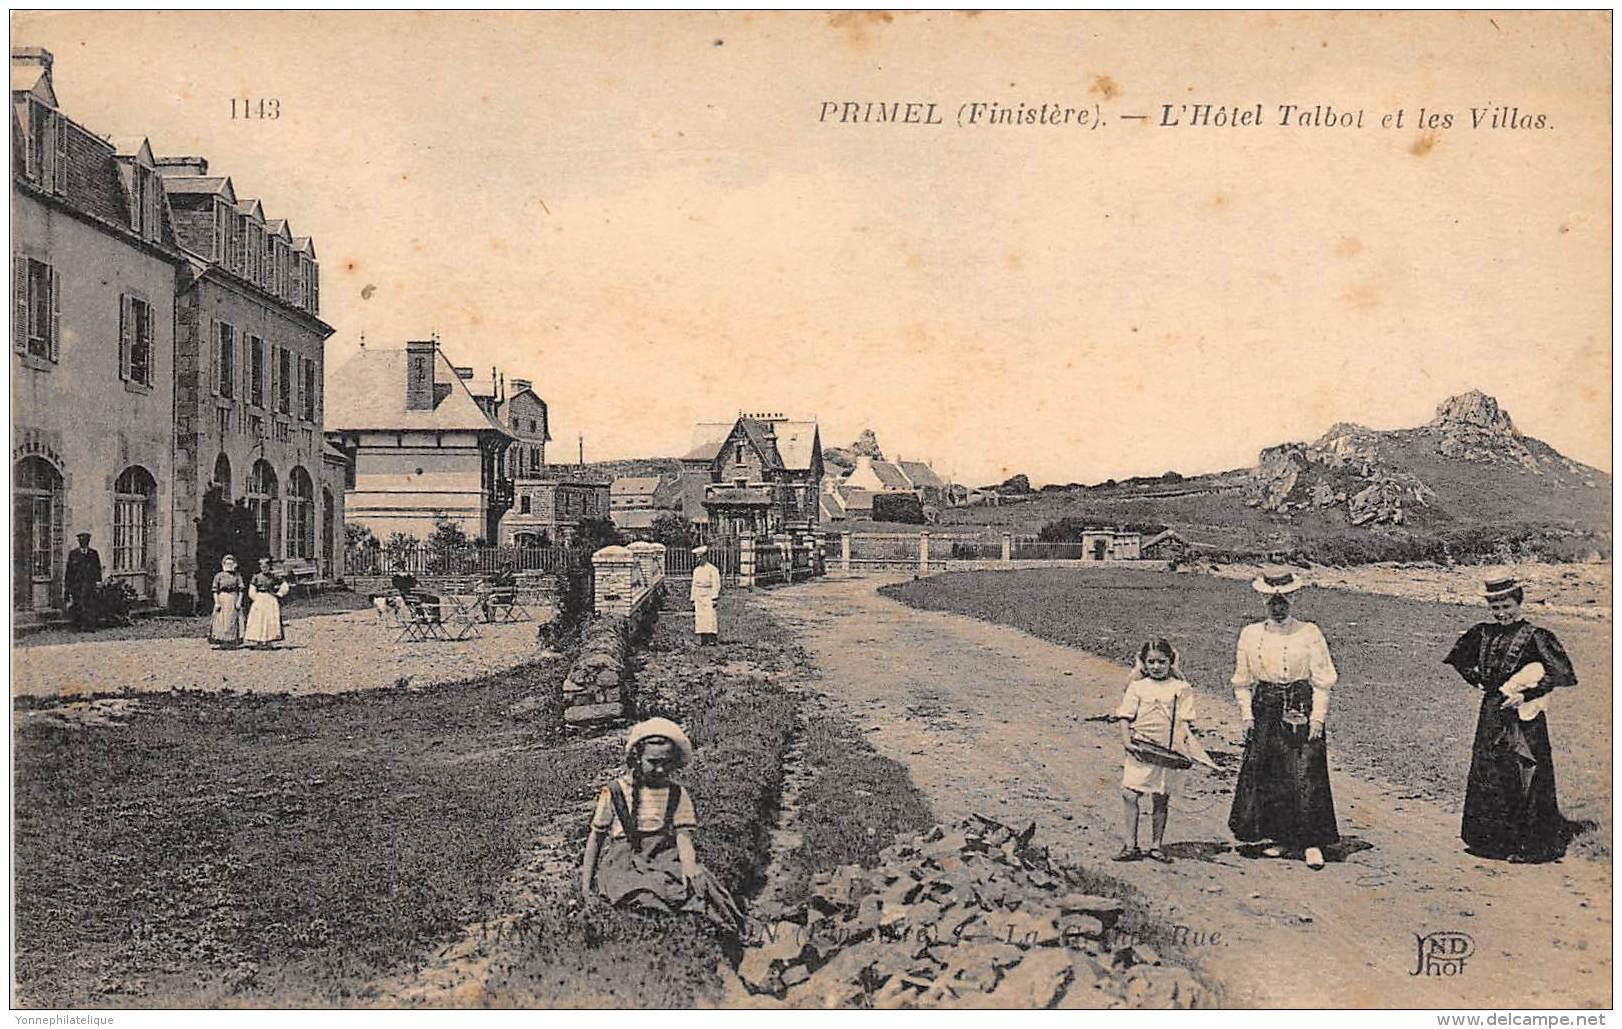 29 - FINISTERE / Primel - Hôtel Talbot Et Les Villas - Beau Cliché Animé - Primel